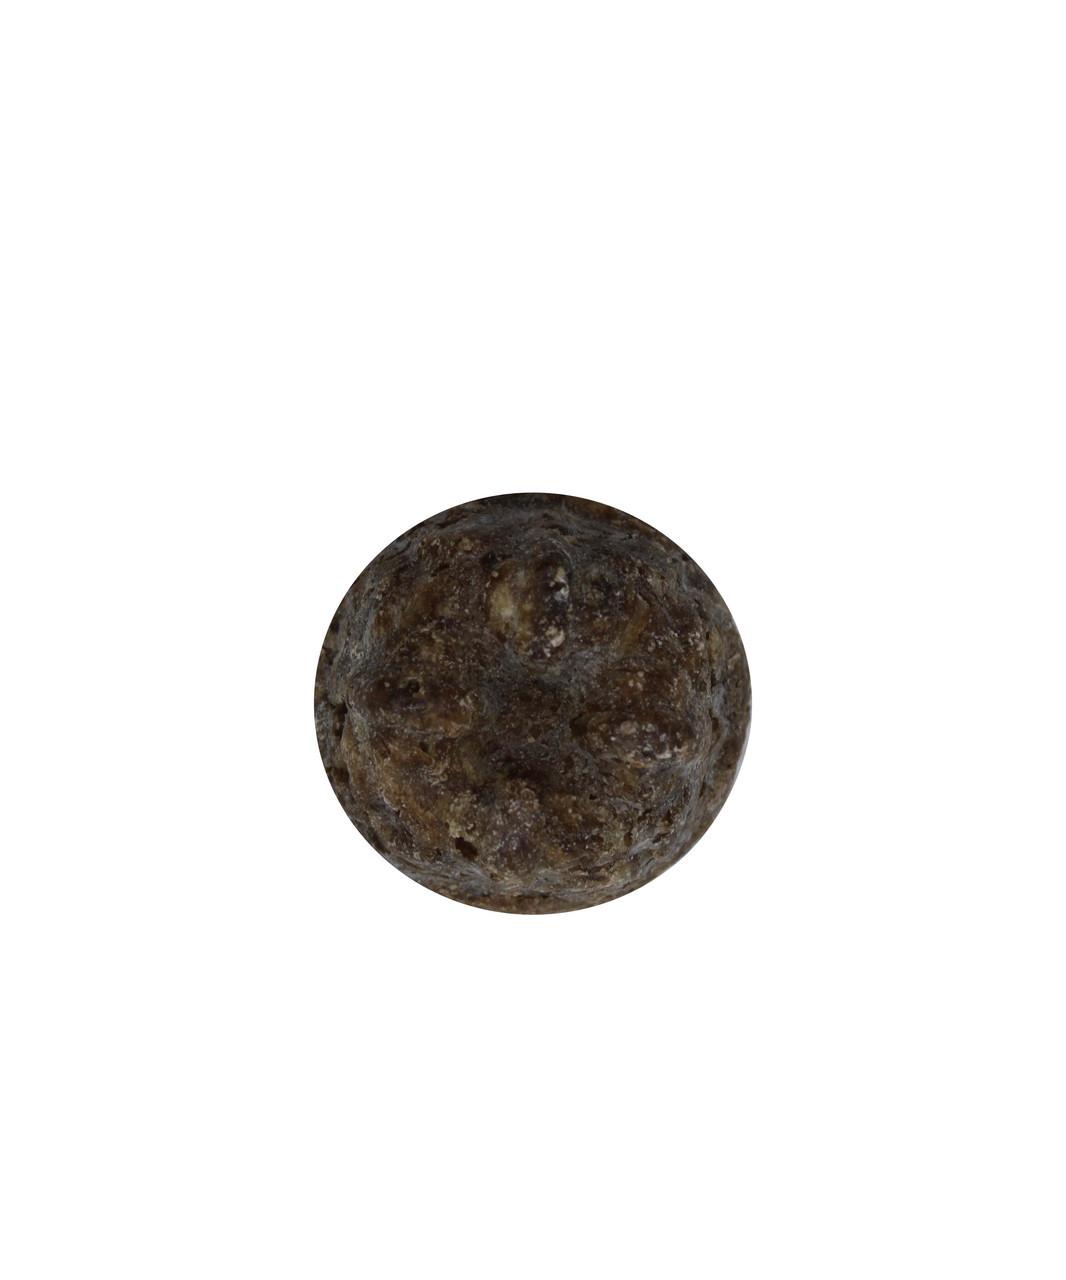 Шампунь Арабески брусочек мини- 20 грамм, пробник - натуральный, для волос всех типов, восточный аромат